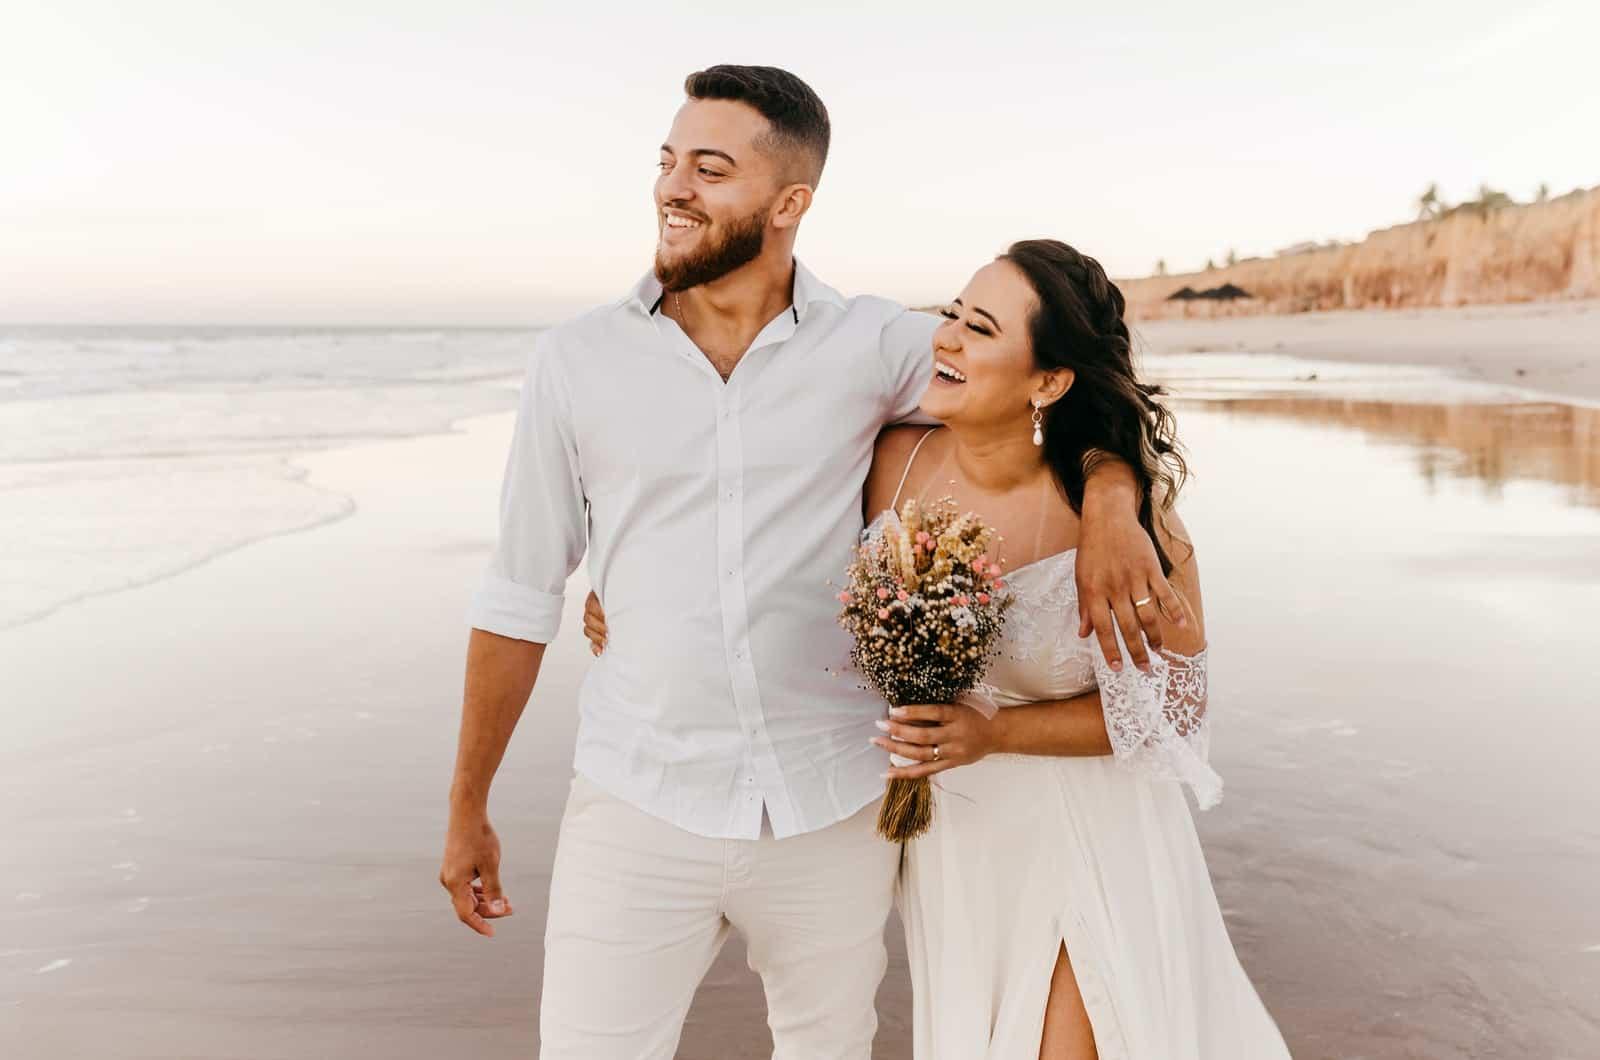 Paar mit Blumenstrauß am Strand spazieren